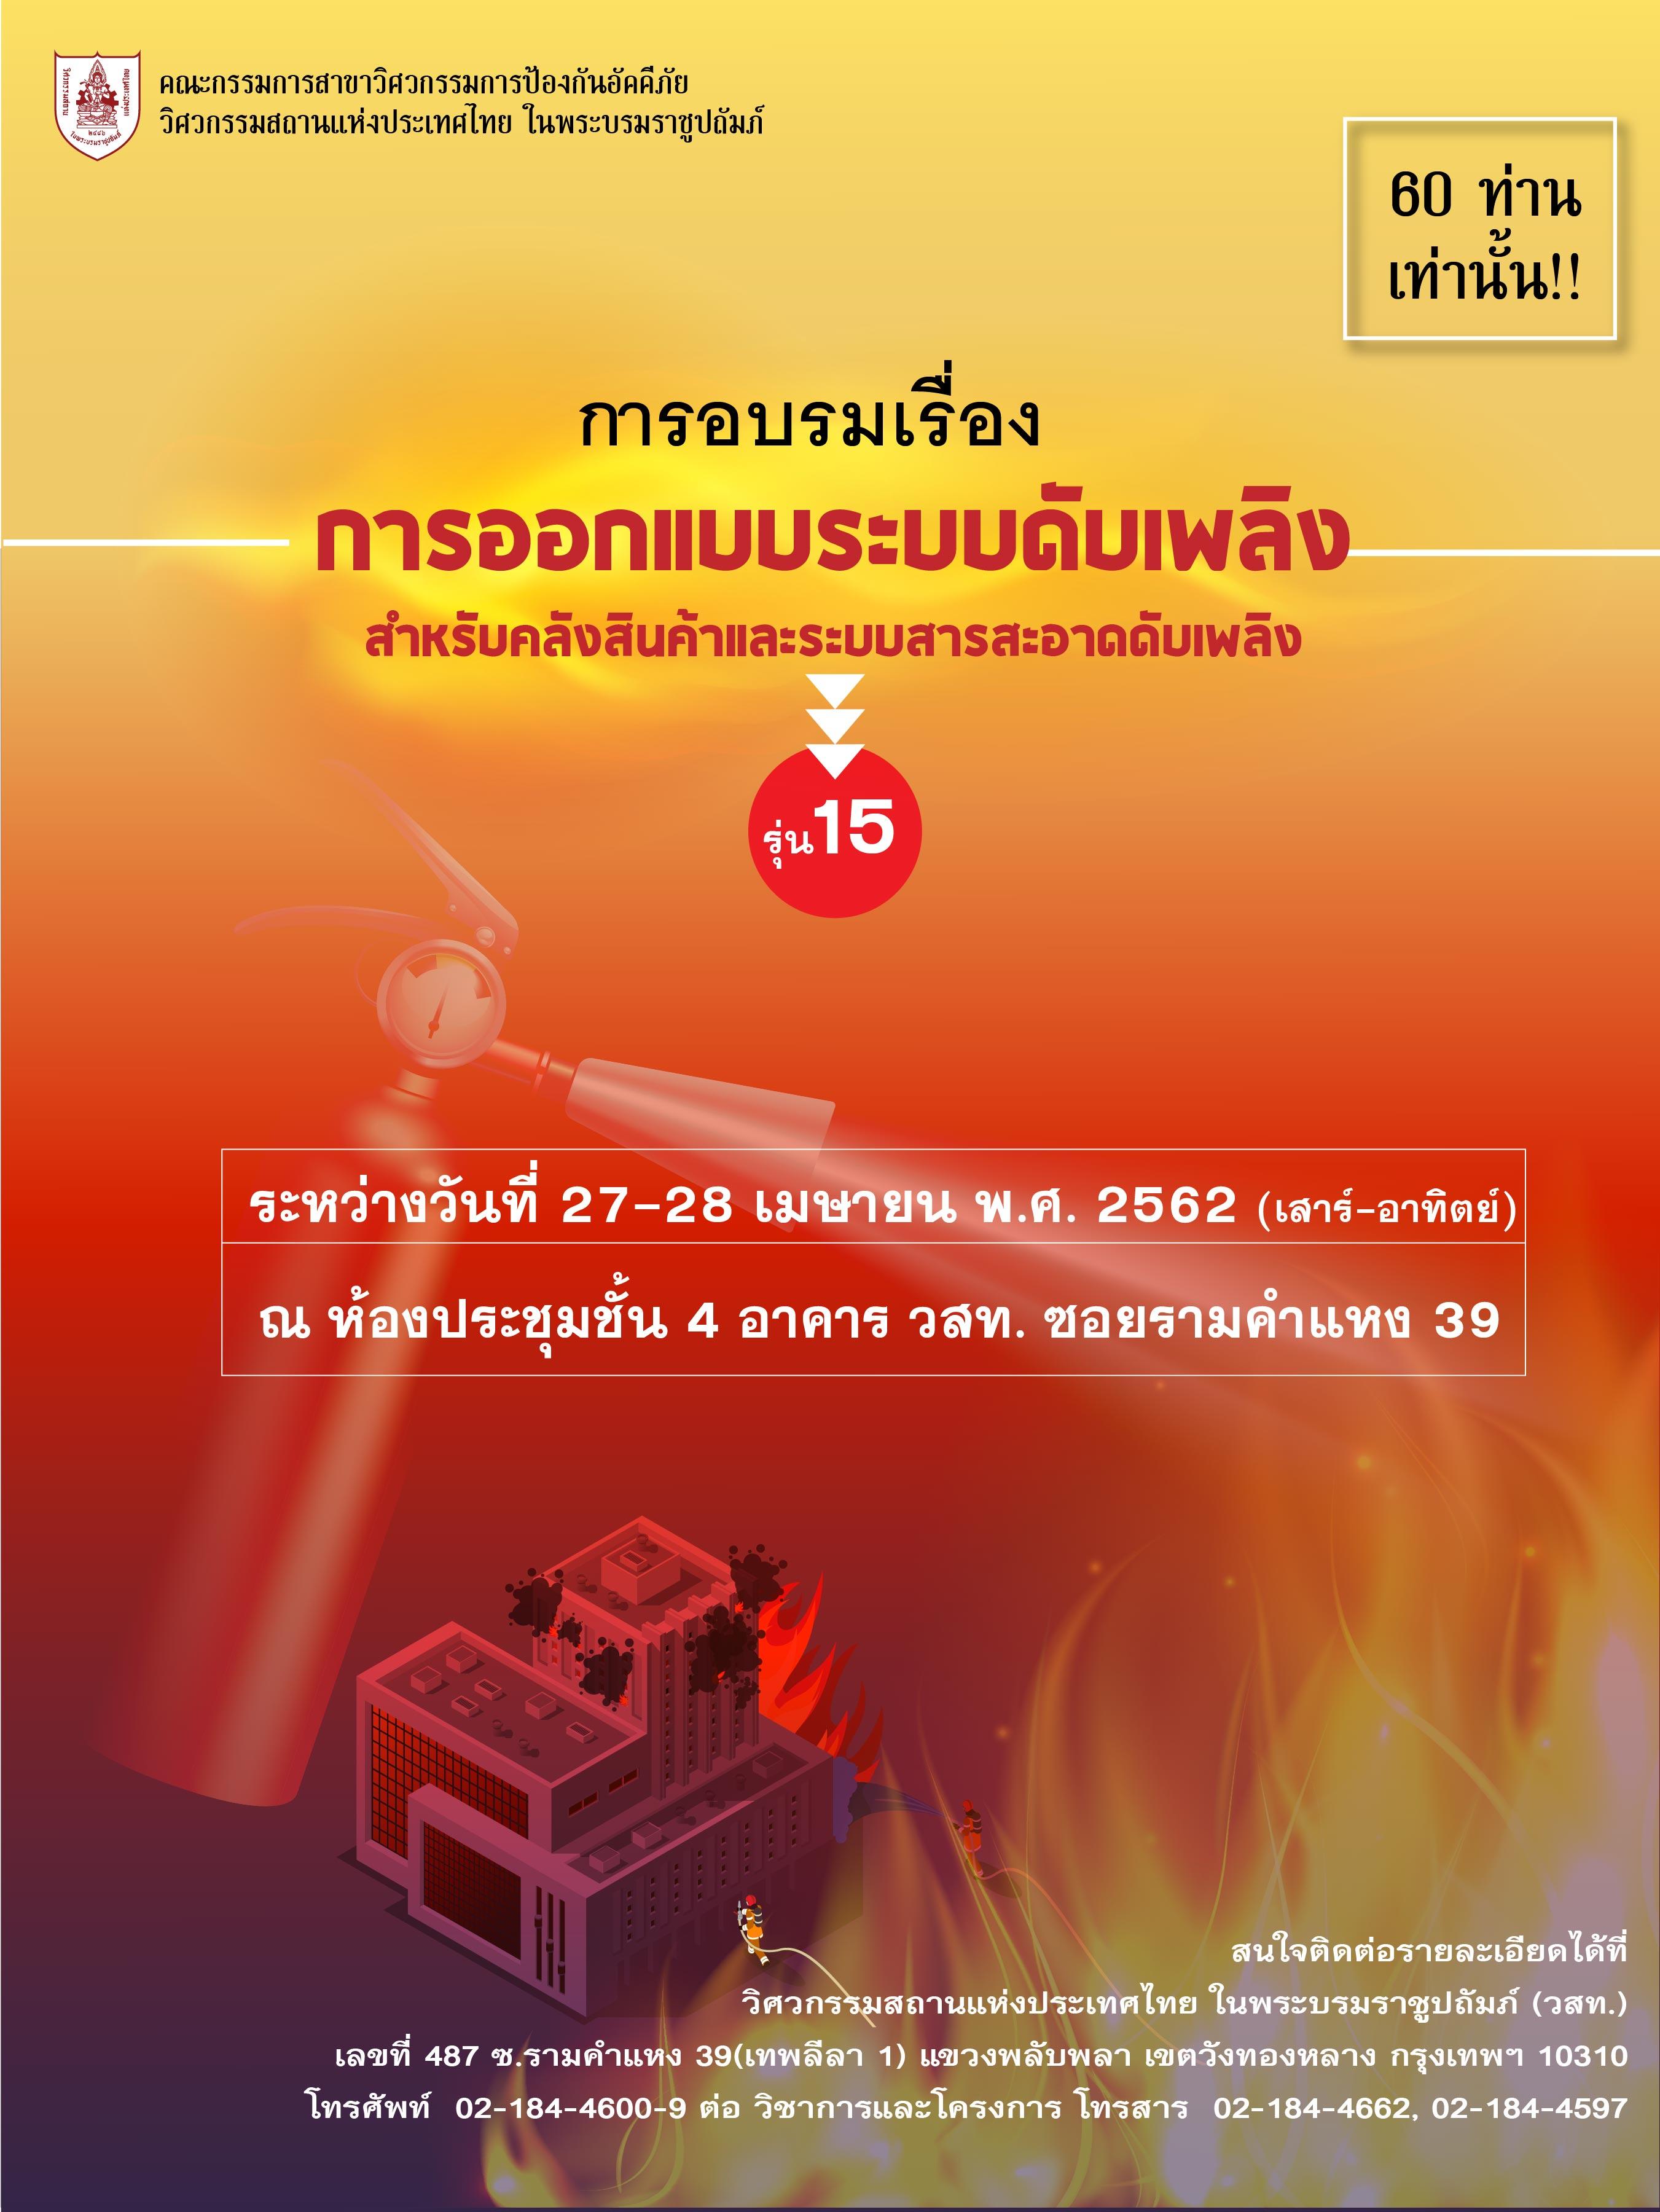 27-28/04/2562 การอบรมเรื่อง การออกแบบระบบดับเพลิงสำหรับคลังสินค้าและระบบสารสะอาดดับเพลิง รุ่นที่ 15